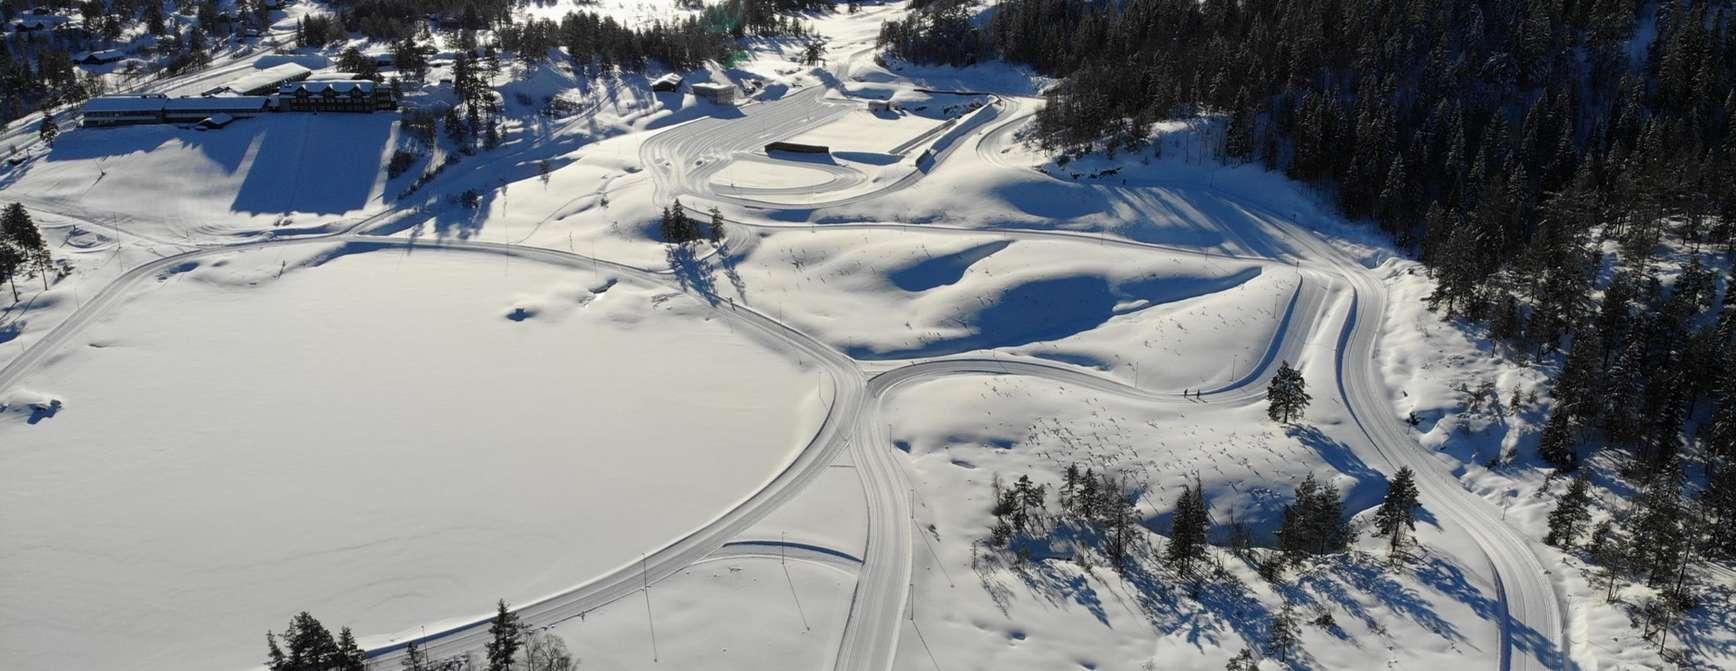 Foto: Gautefall Skisenter